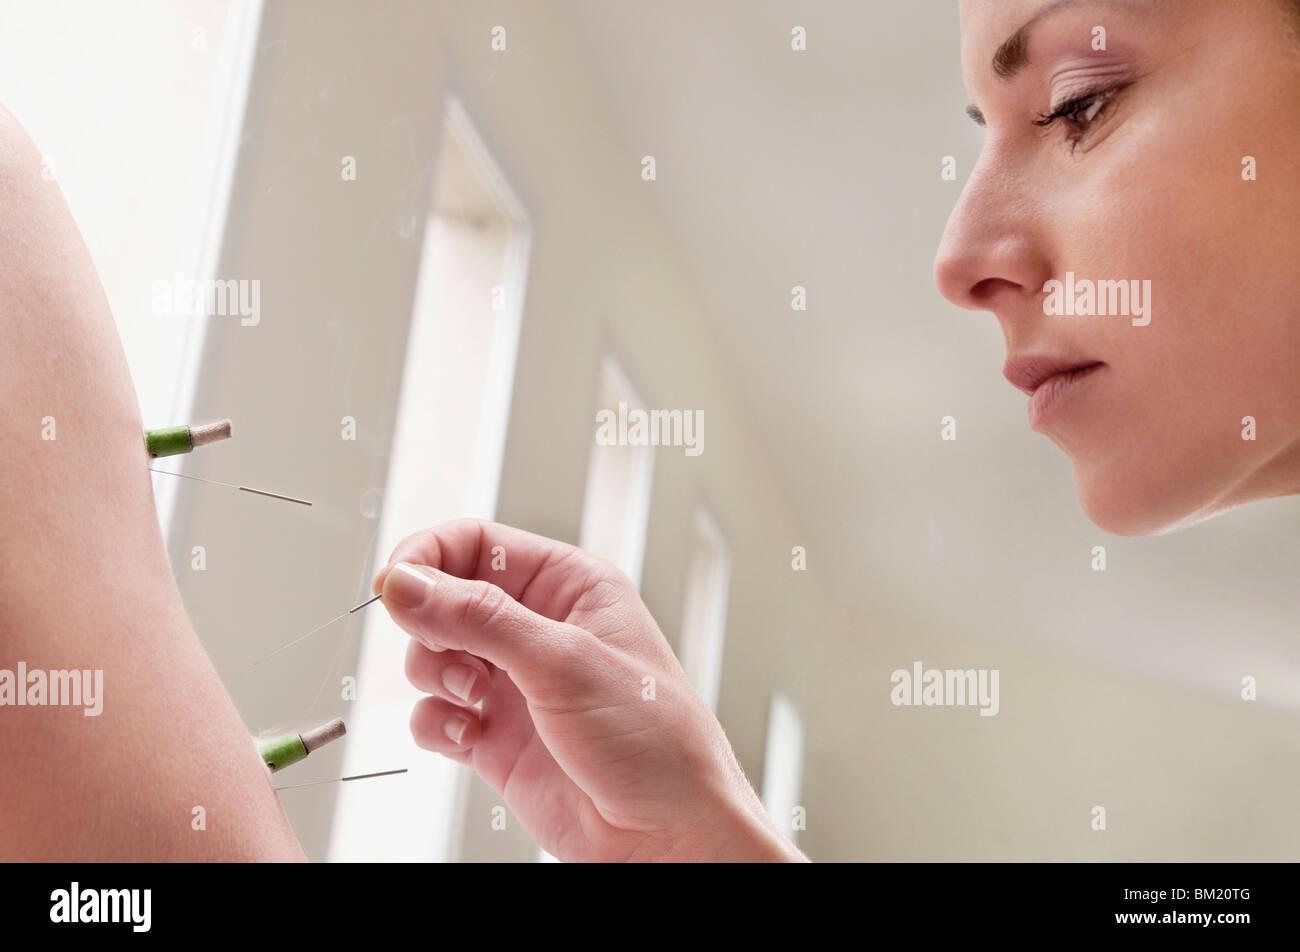 Anwendung von Nadeln und pflanzliche Zigarren auf eine Person Arm Akupunkteur Stockbild